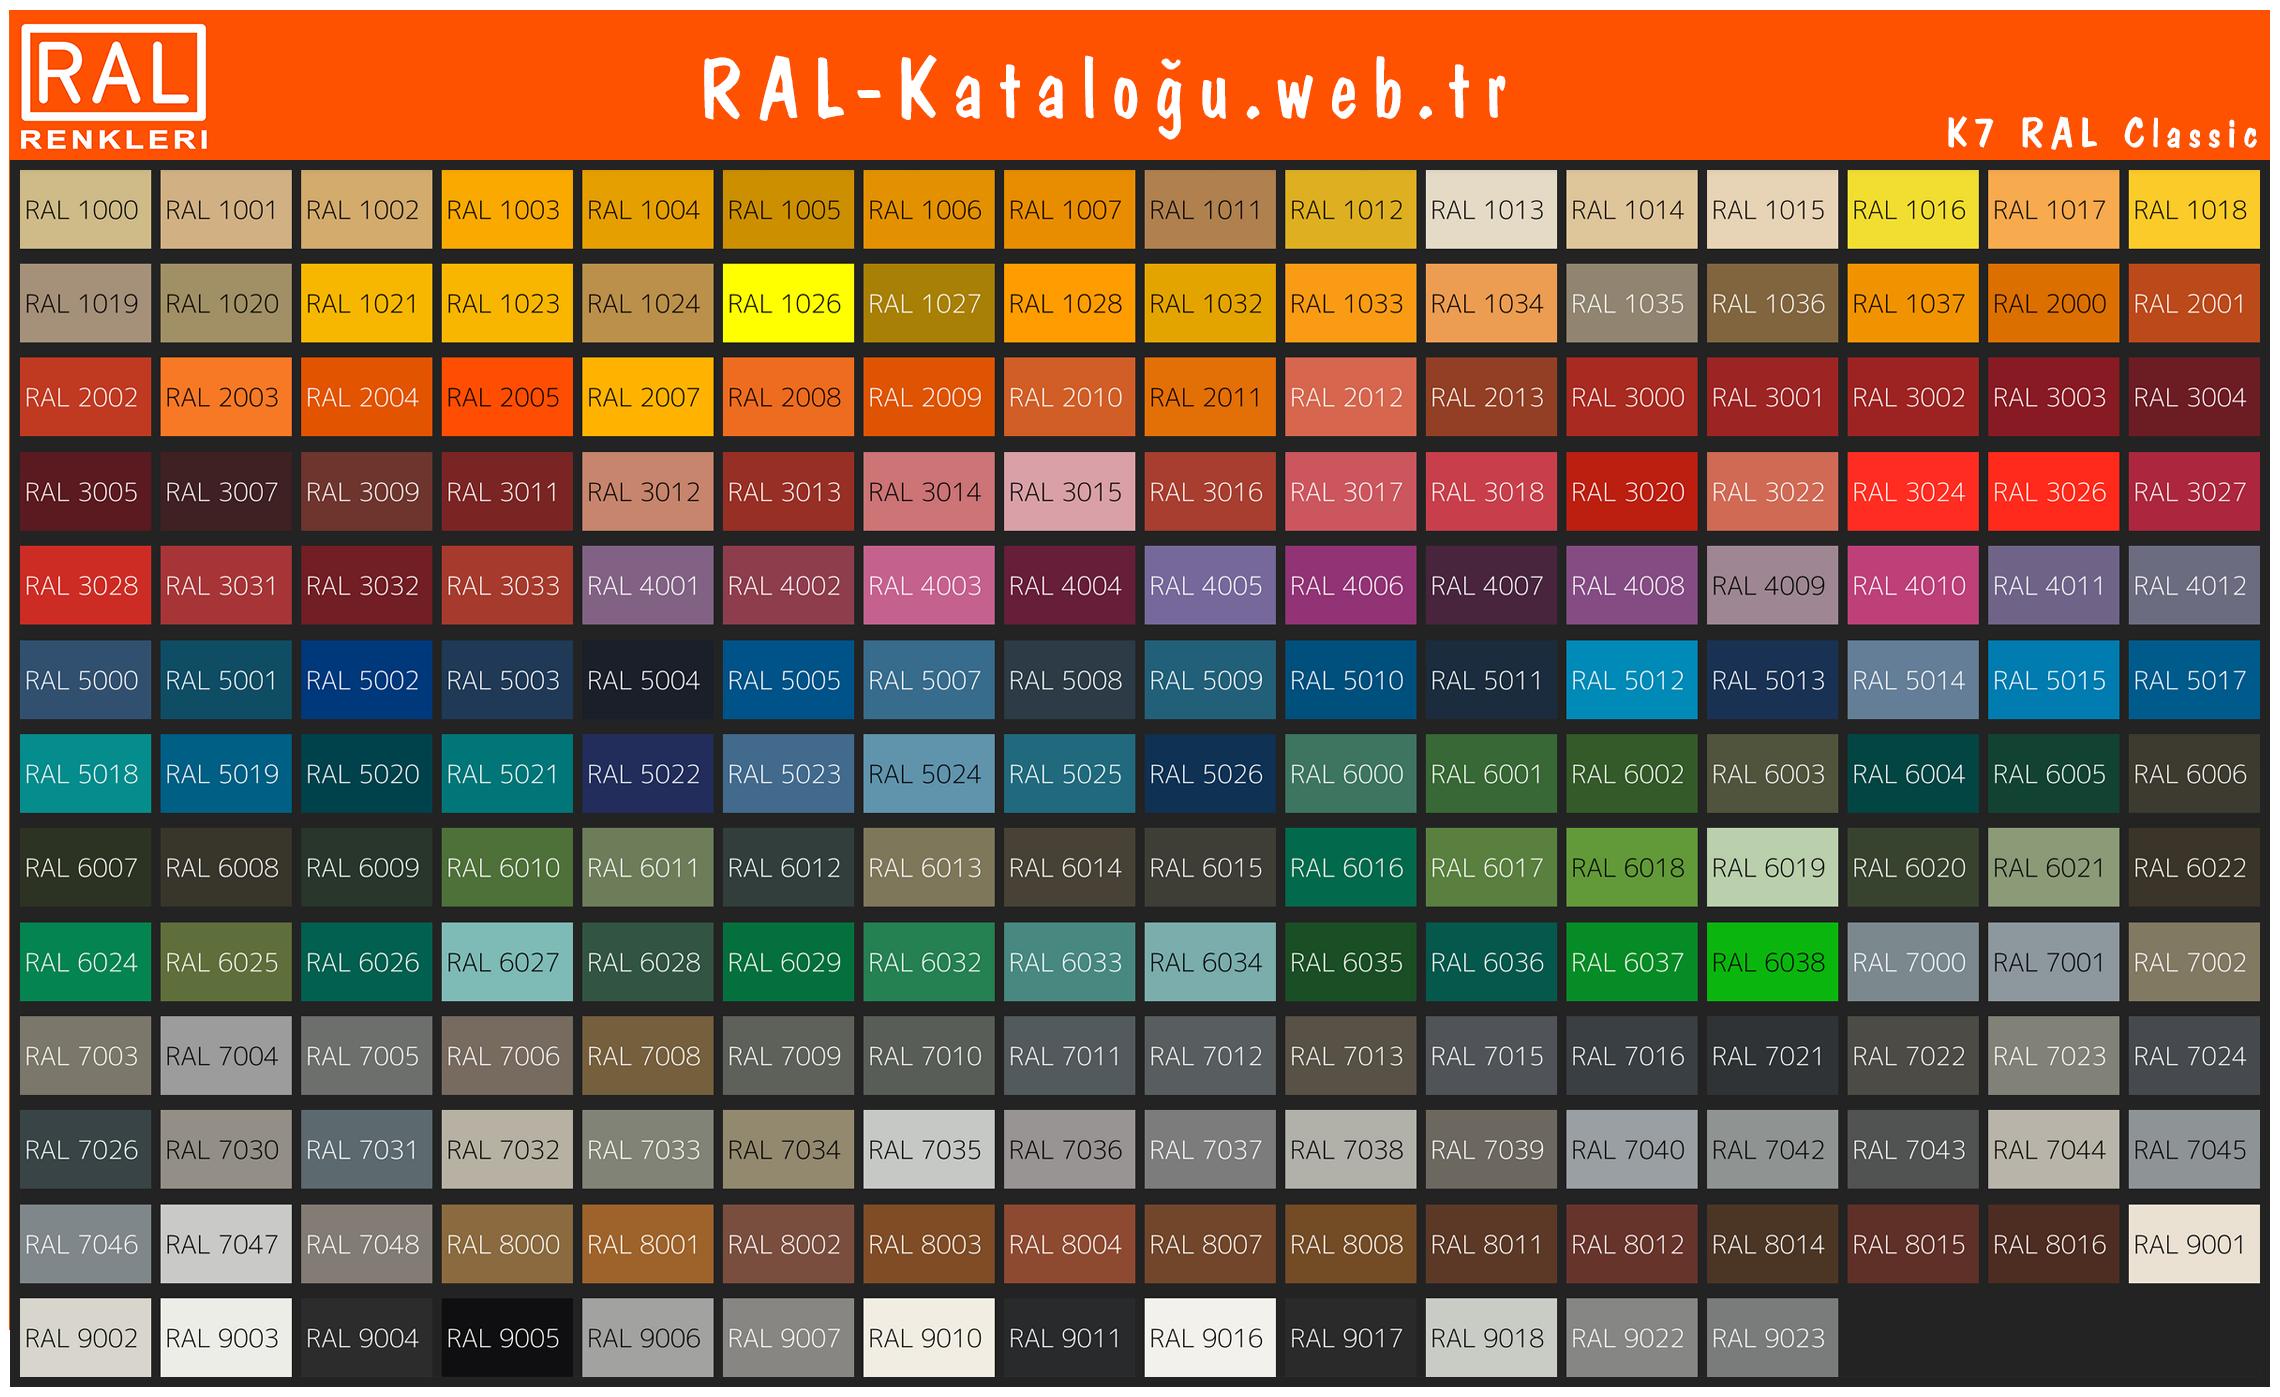 RAL Klasik renkleri kataloğu